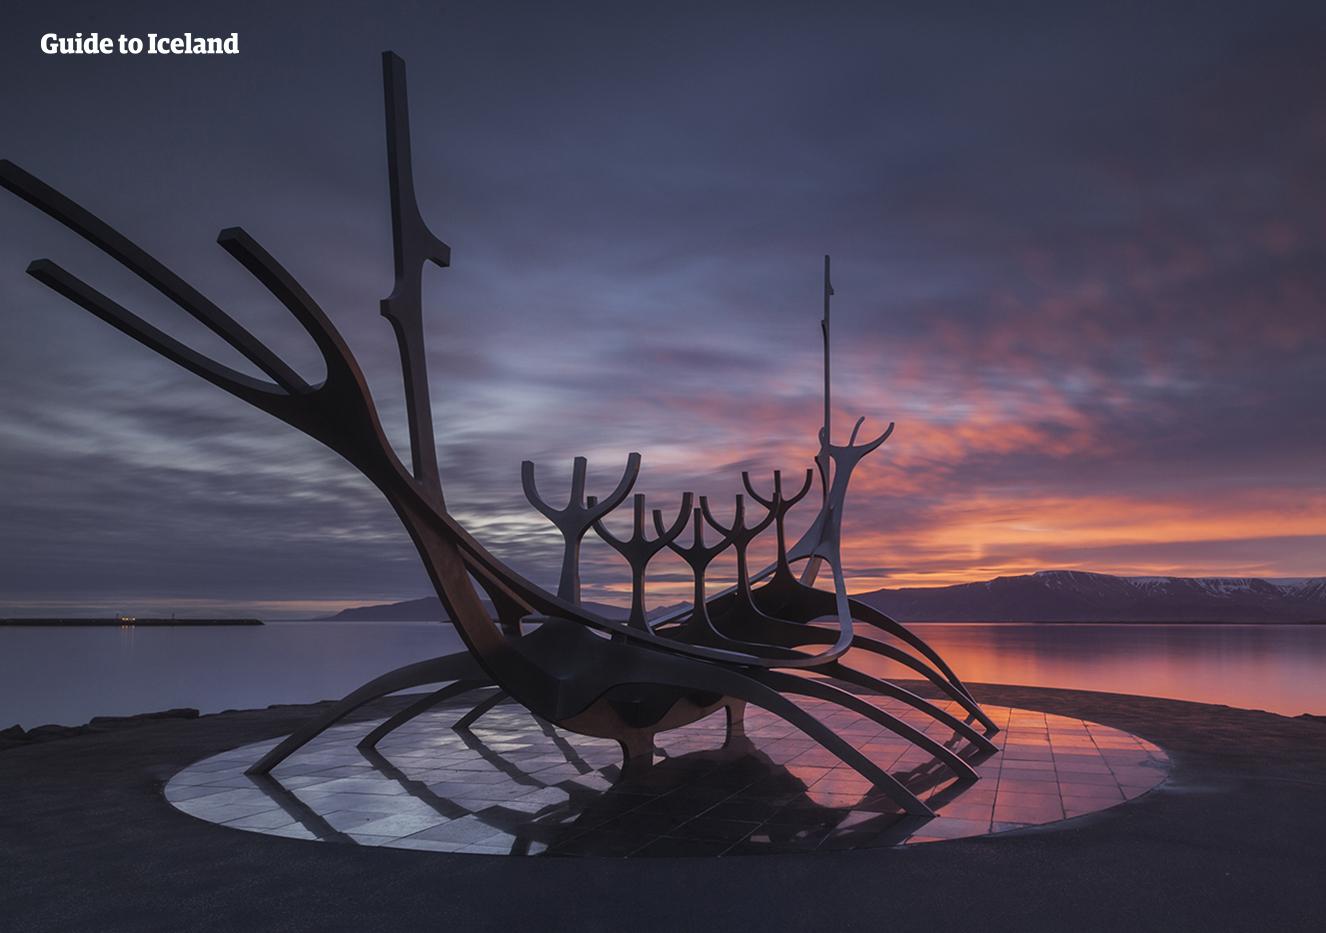 Circuit été de 12 jours | Voyage autour de l'Islande - day 12